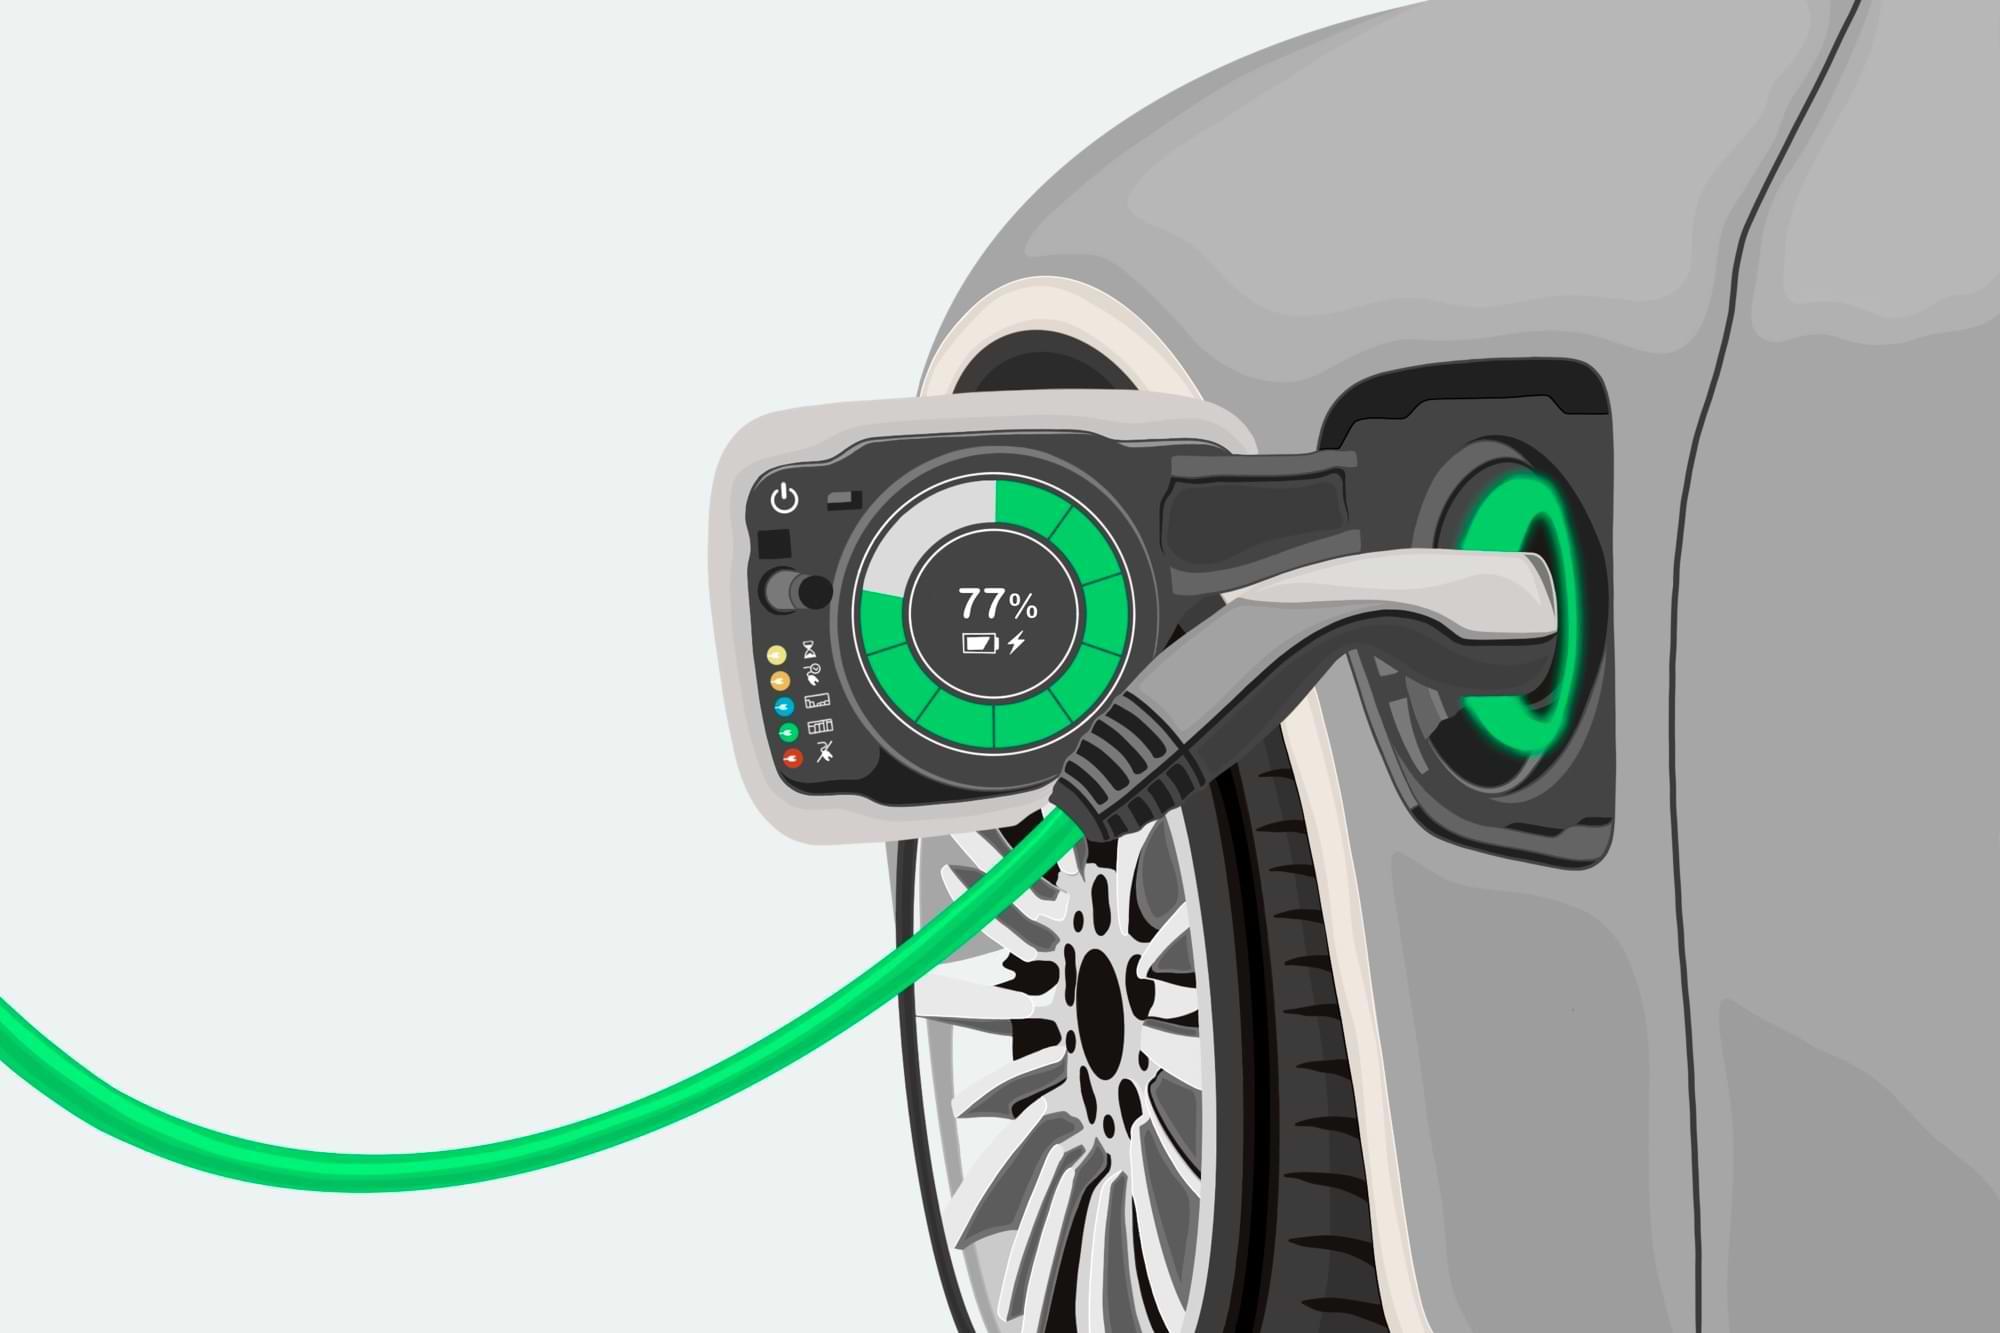 Véhicule électrique & mobilité zéro carbone